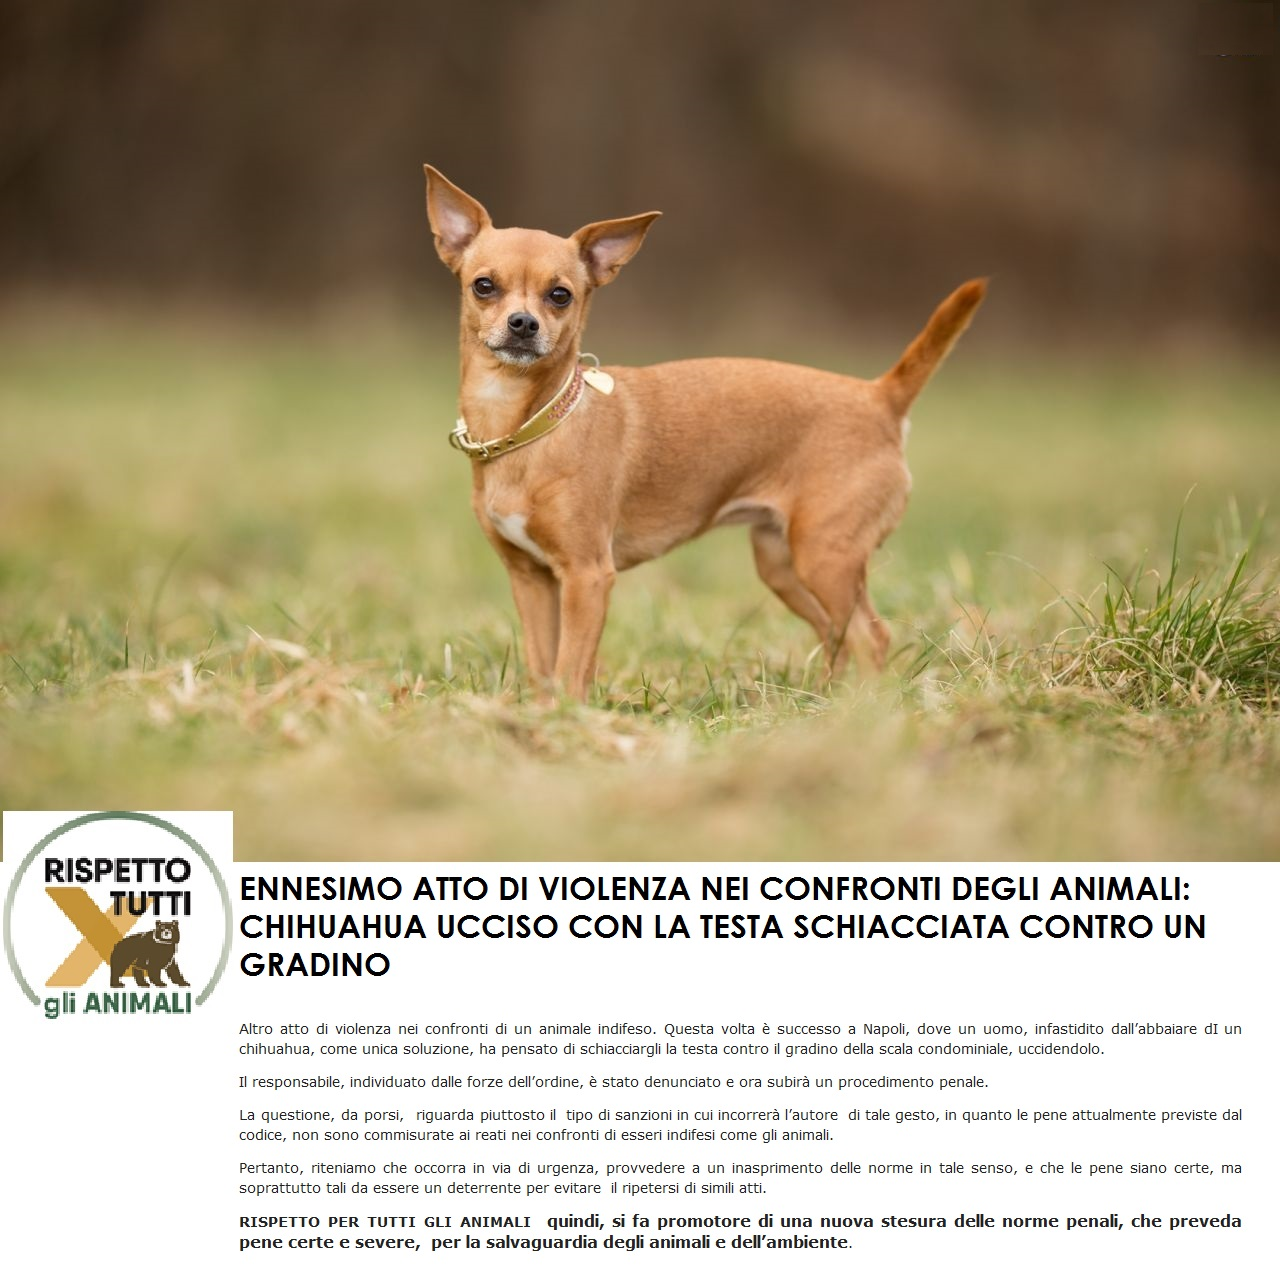 ENNESIMO ATTO DI VIOLENZA NEI CONFRONTI DEGLI ANIMALI